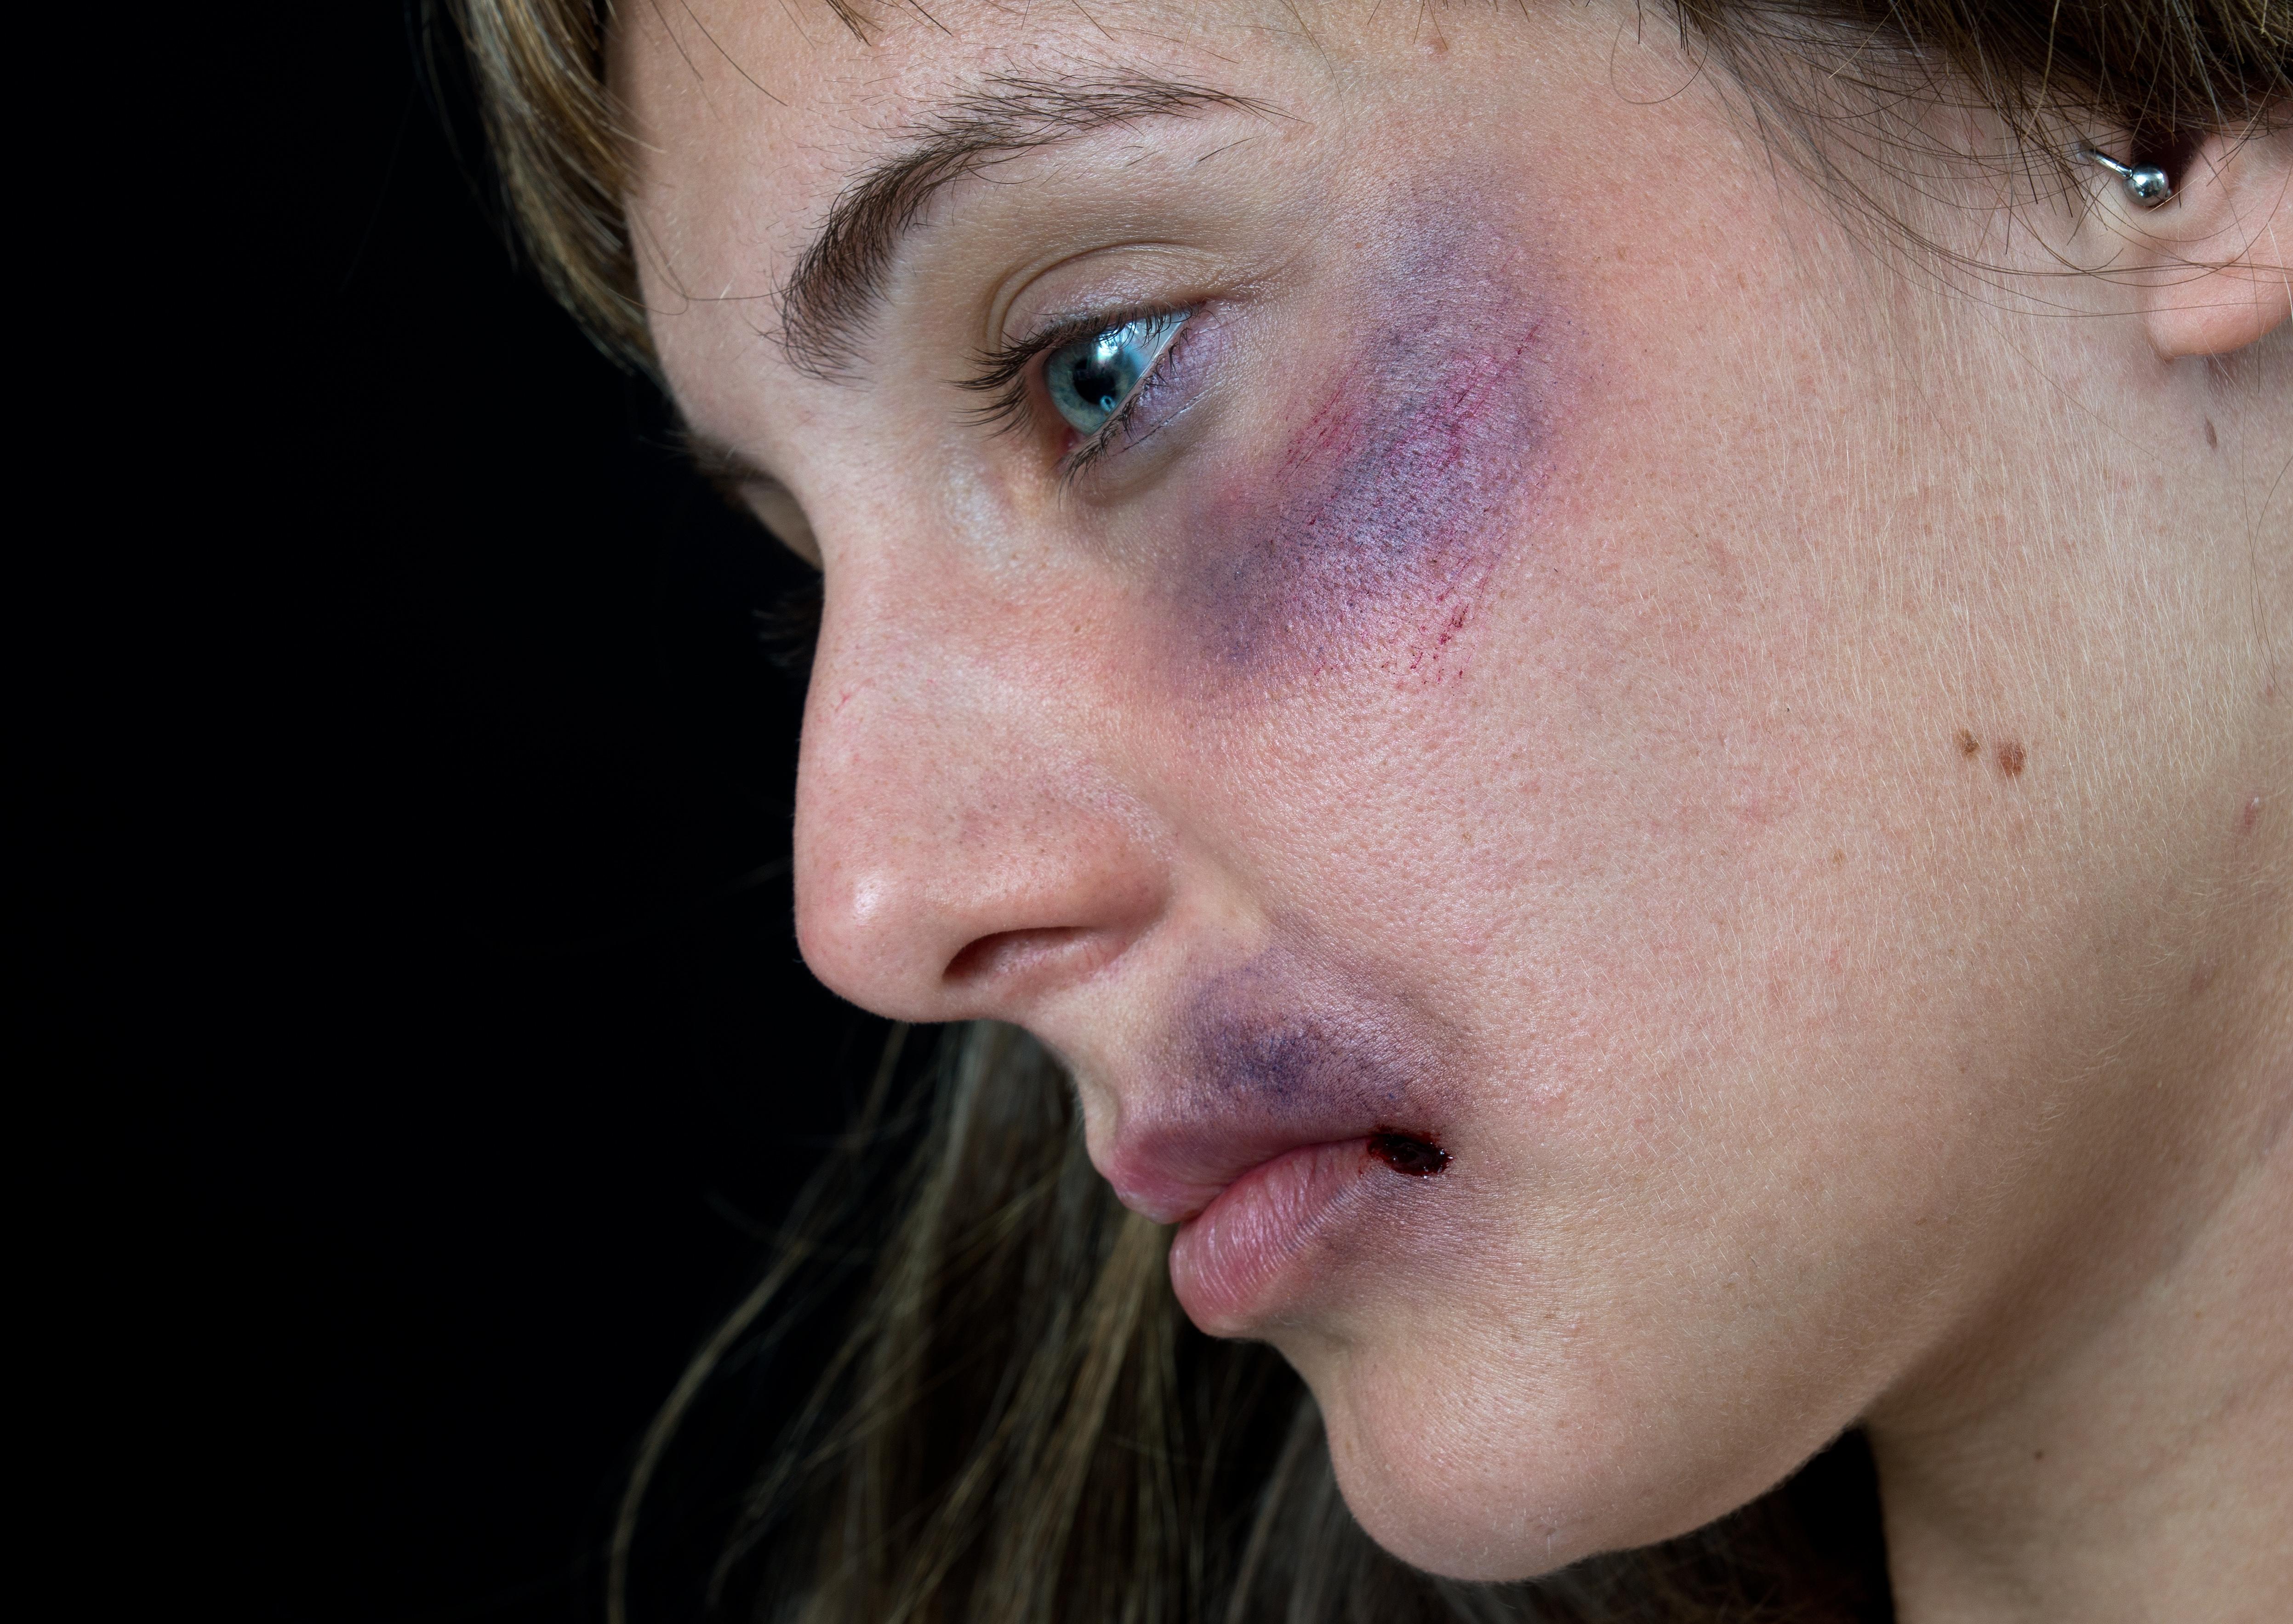 Om man får ett slag mot ögat man kan få en blåtira som orsakas av en blödning under huden.